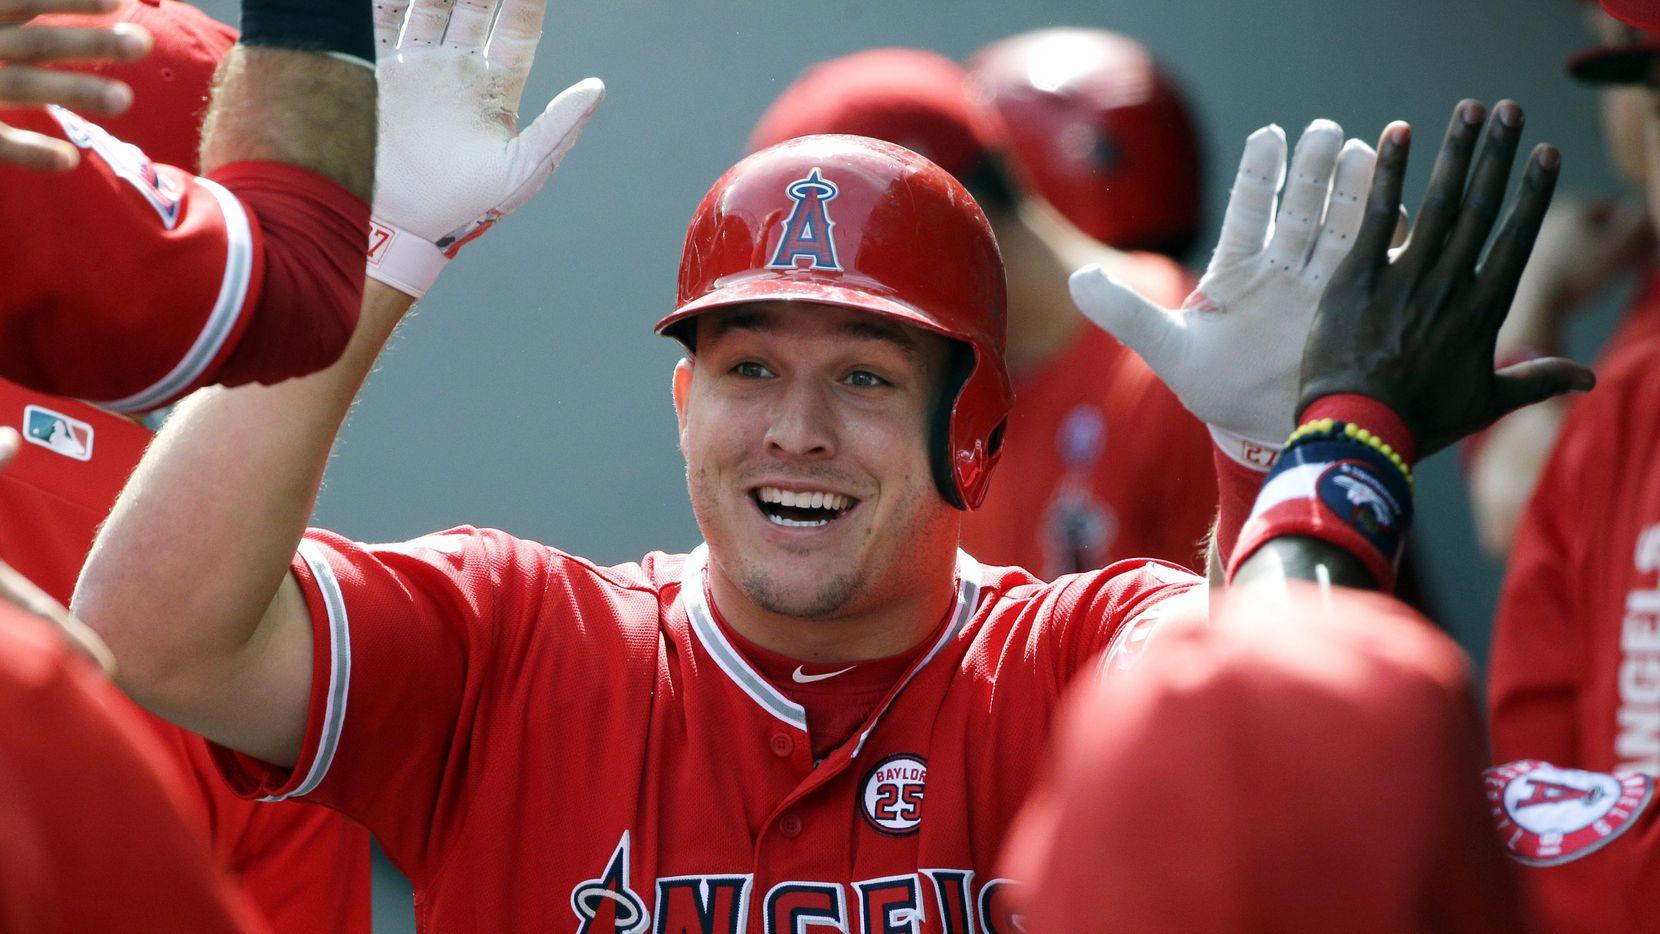 Mike Trout negocia un contrato por 12 años con los Angels de Los Angeles.(AP)